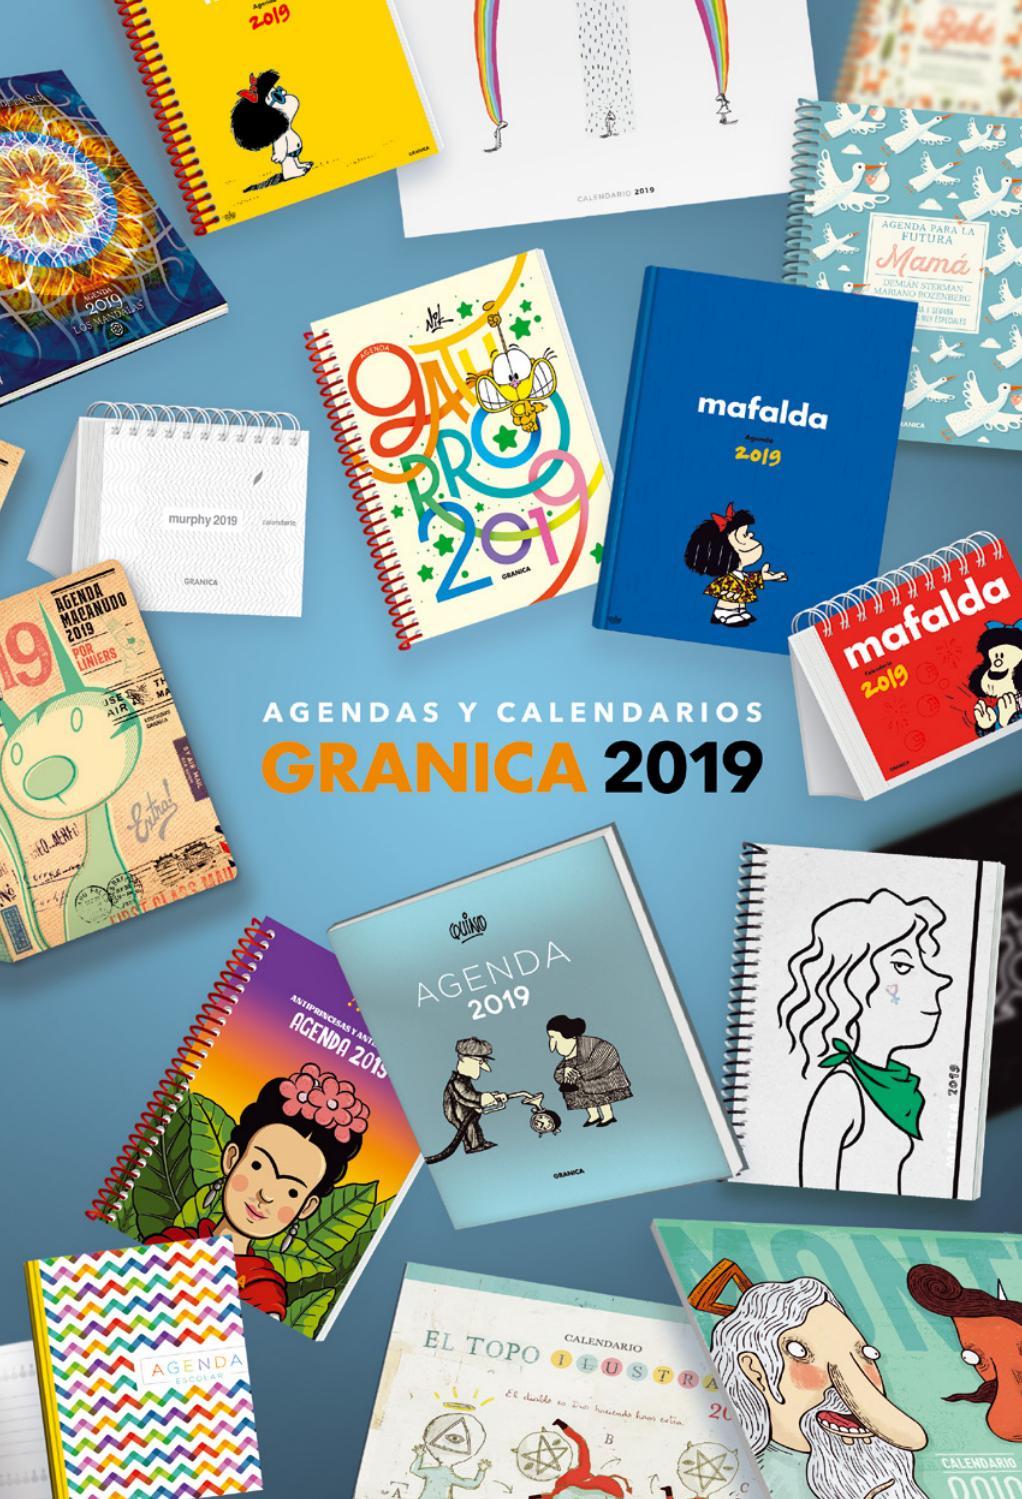 424ef3811 Granica agendas y calendarios 2019 by Claudio Iannini - issuu